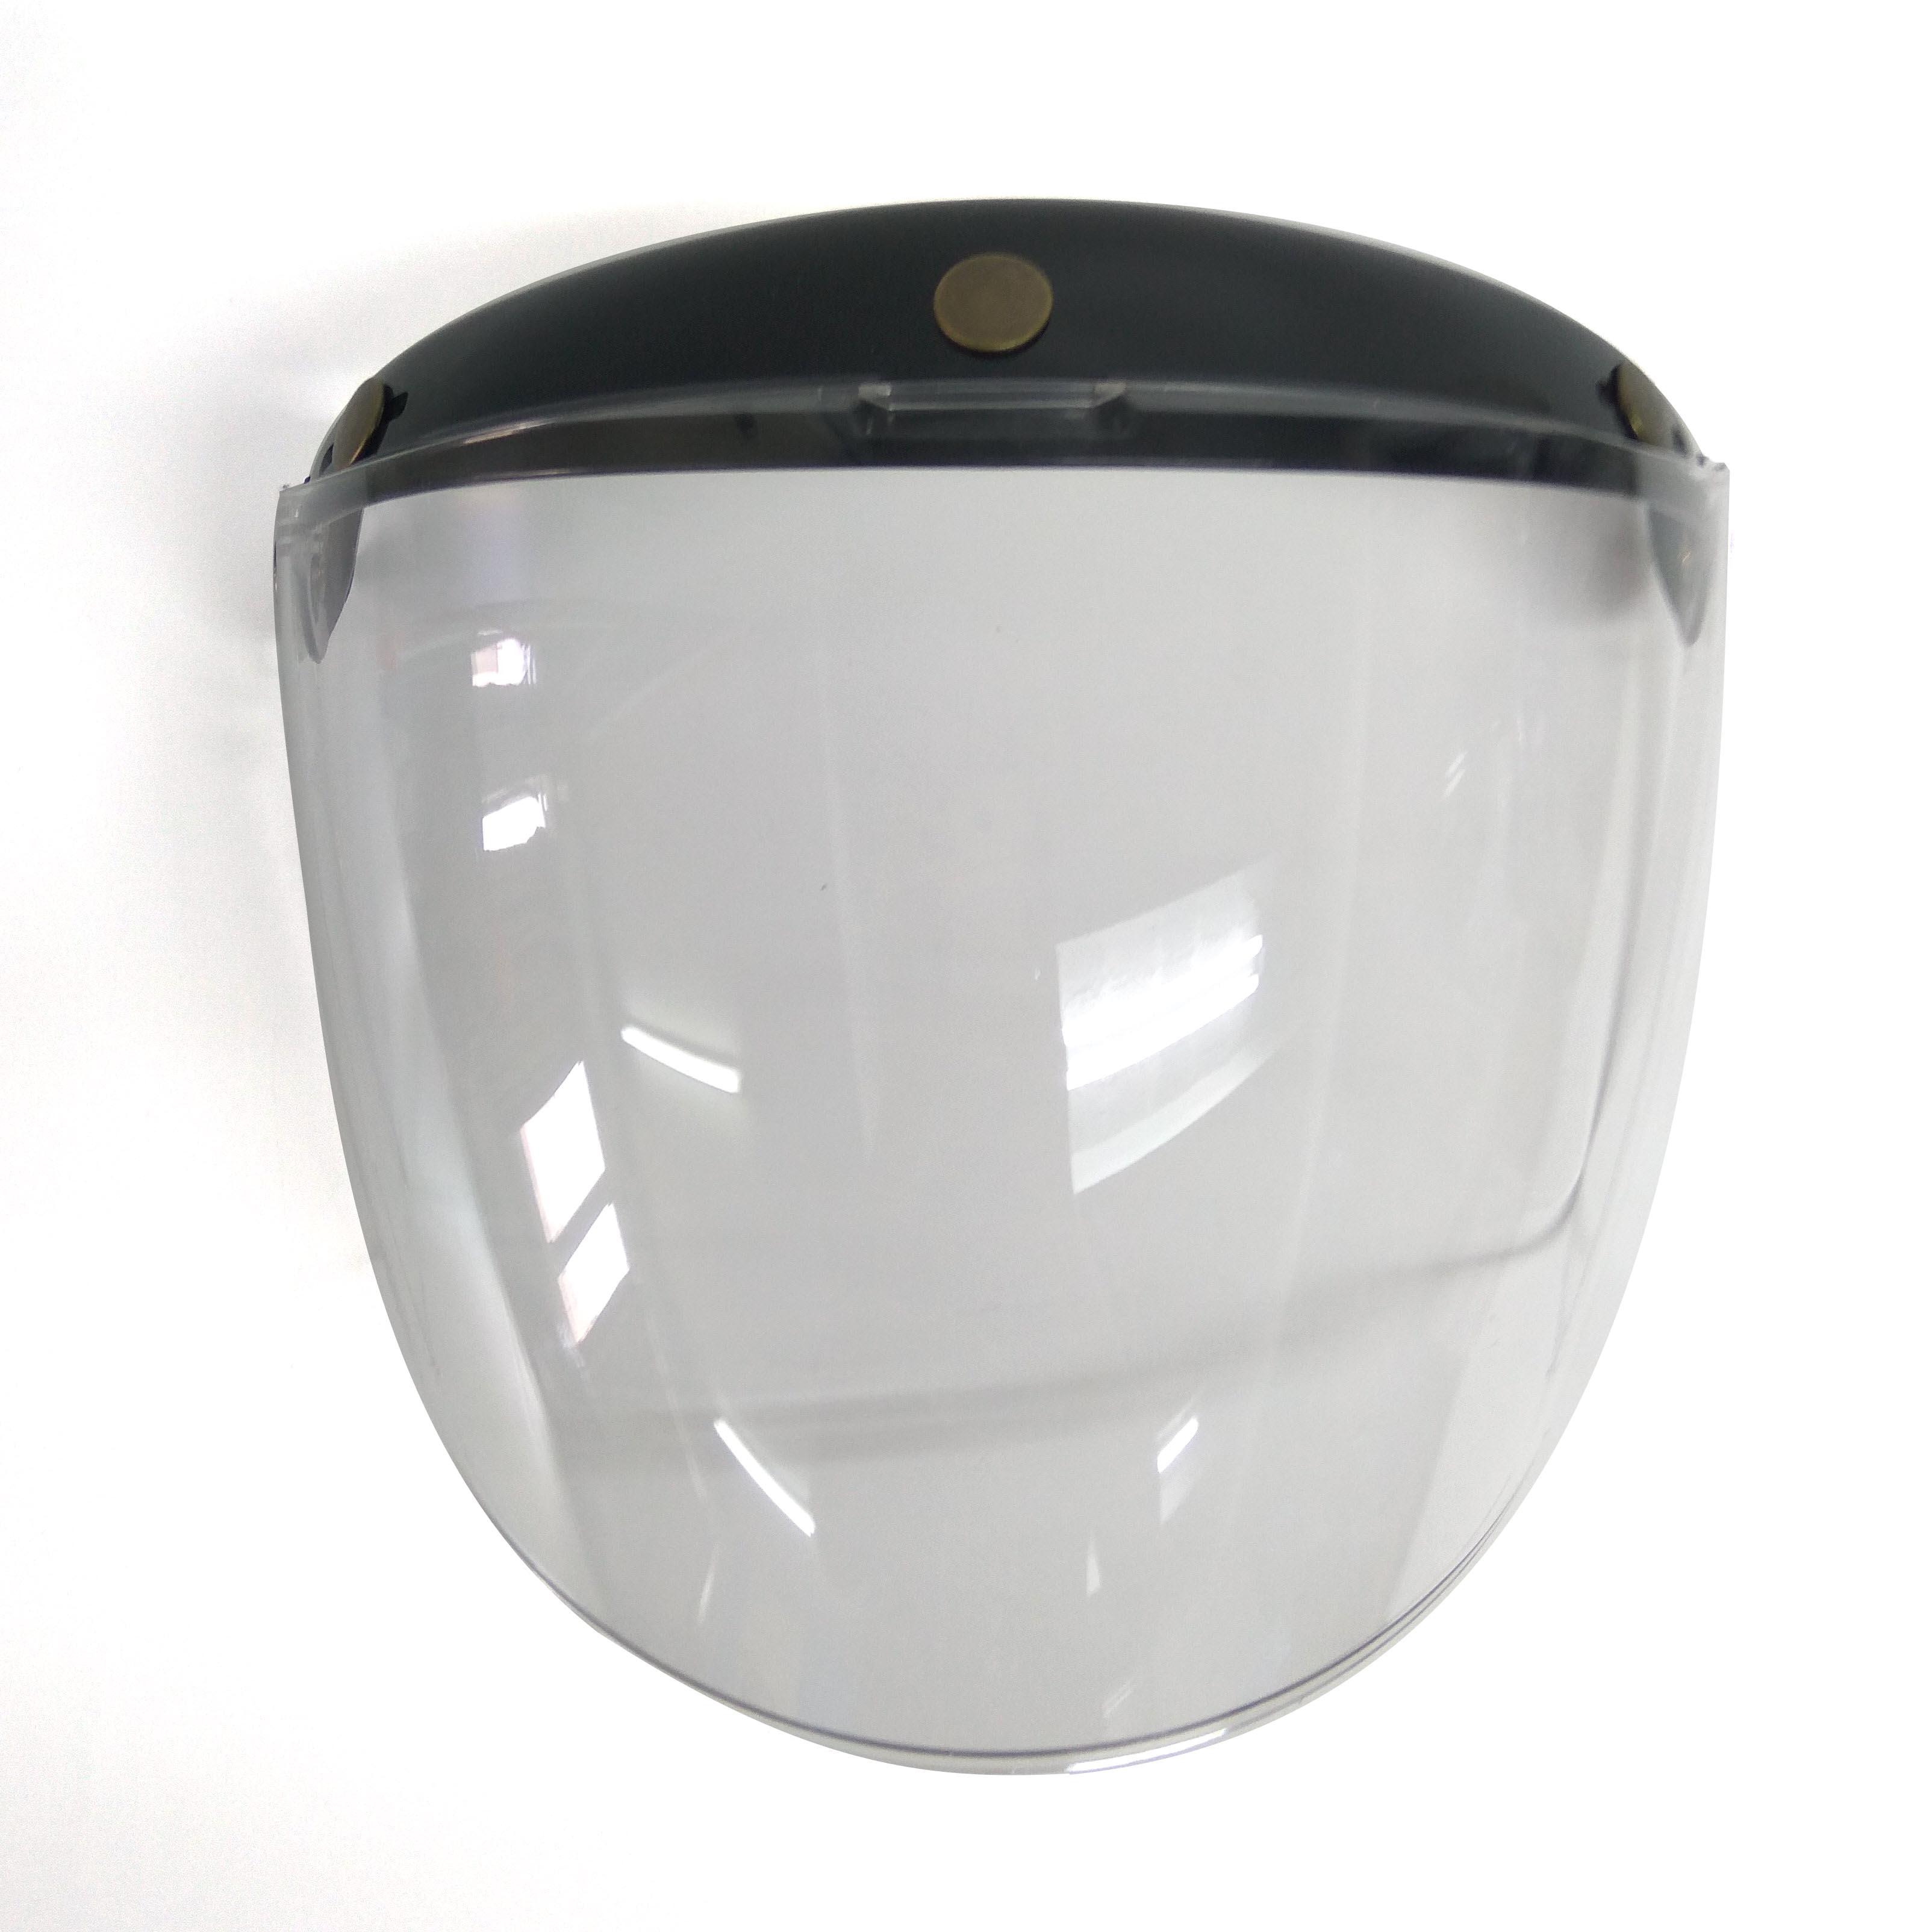 Kính mũ bảo hiểm SUNDA CA-110 loại dài gắn cho các mũ có 3 khuy bấm trên đầu